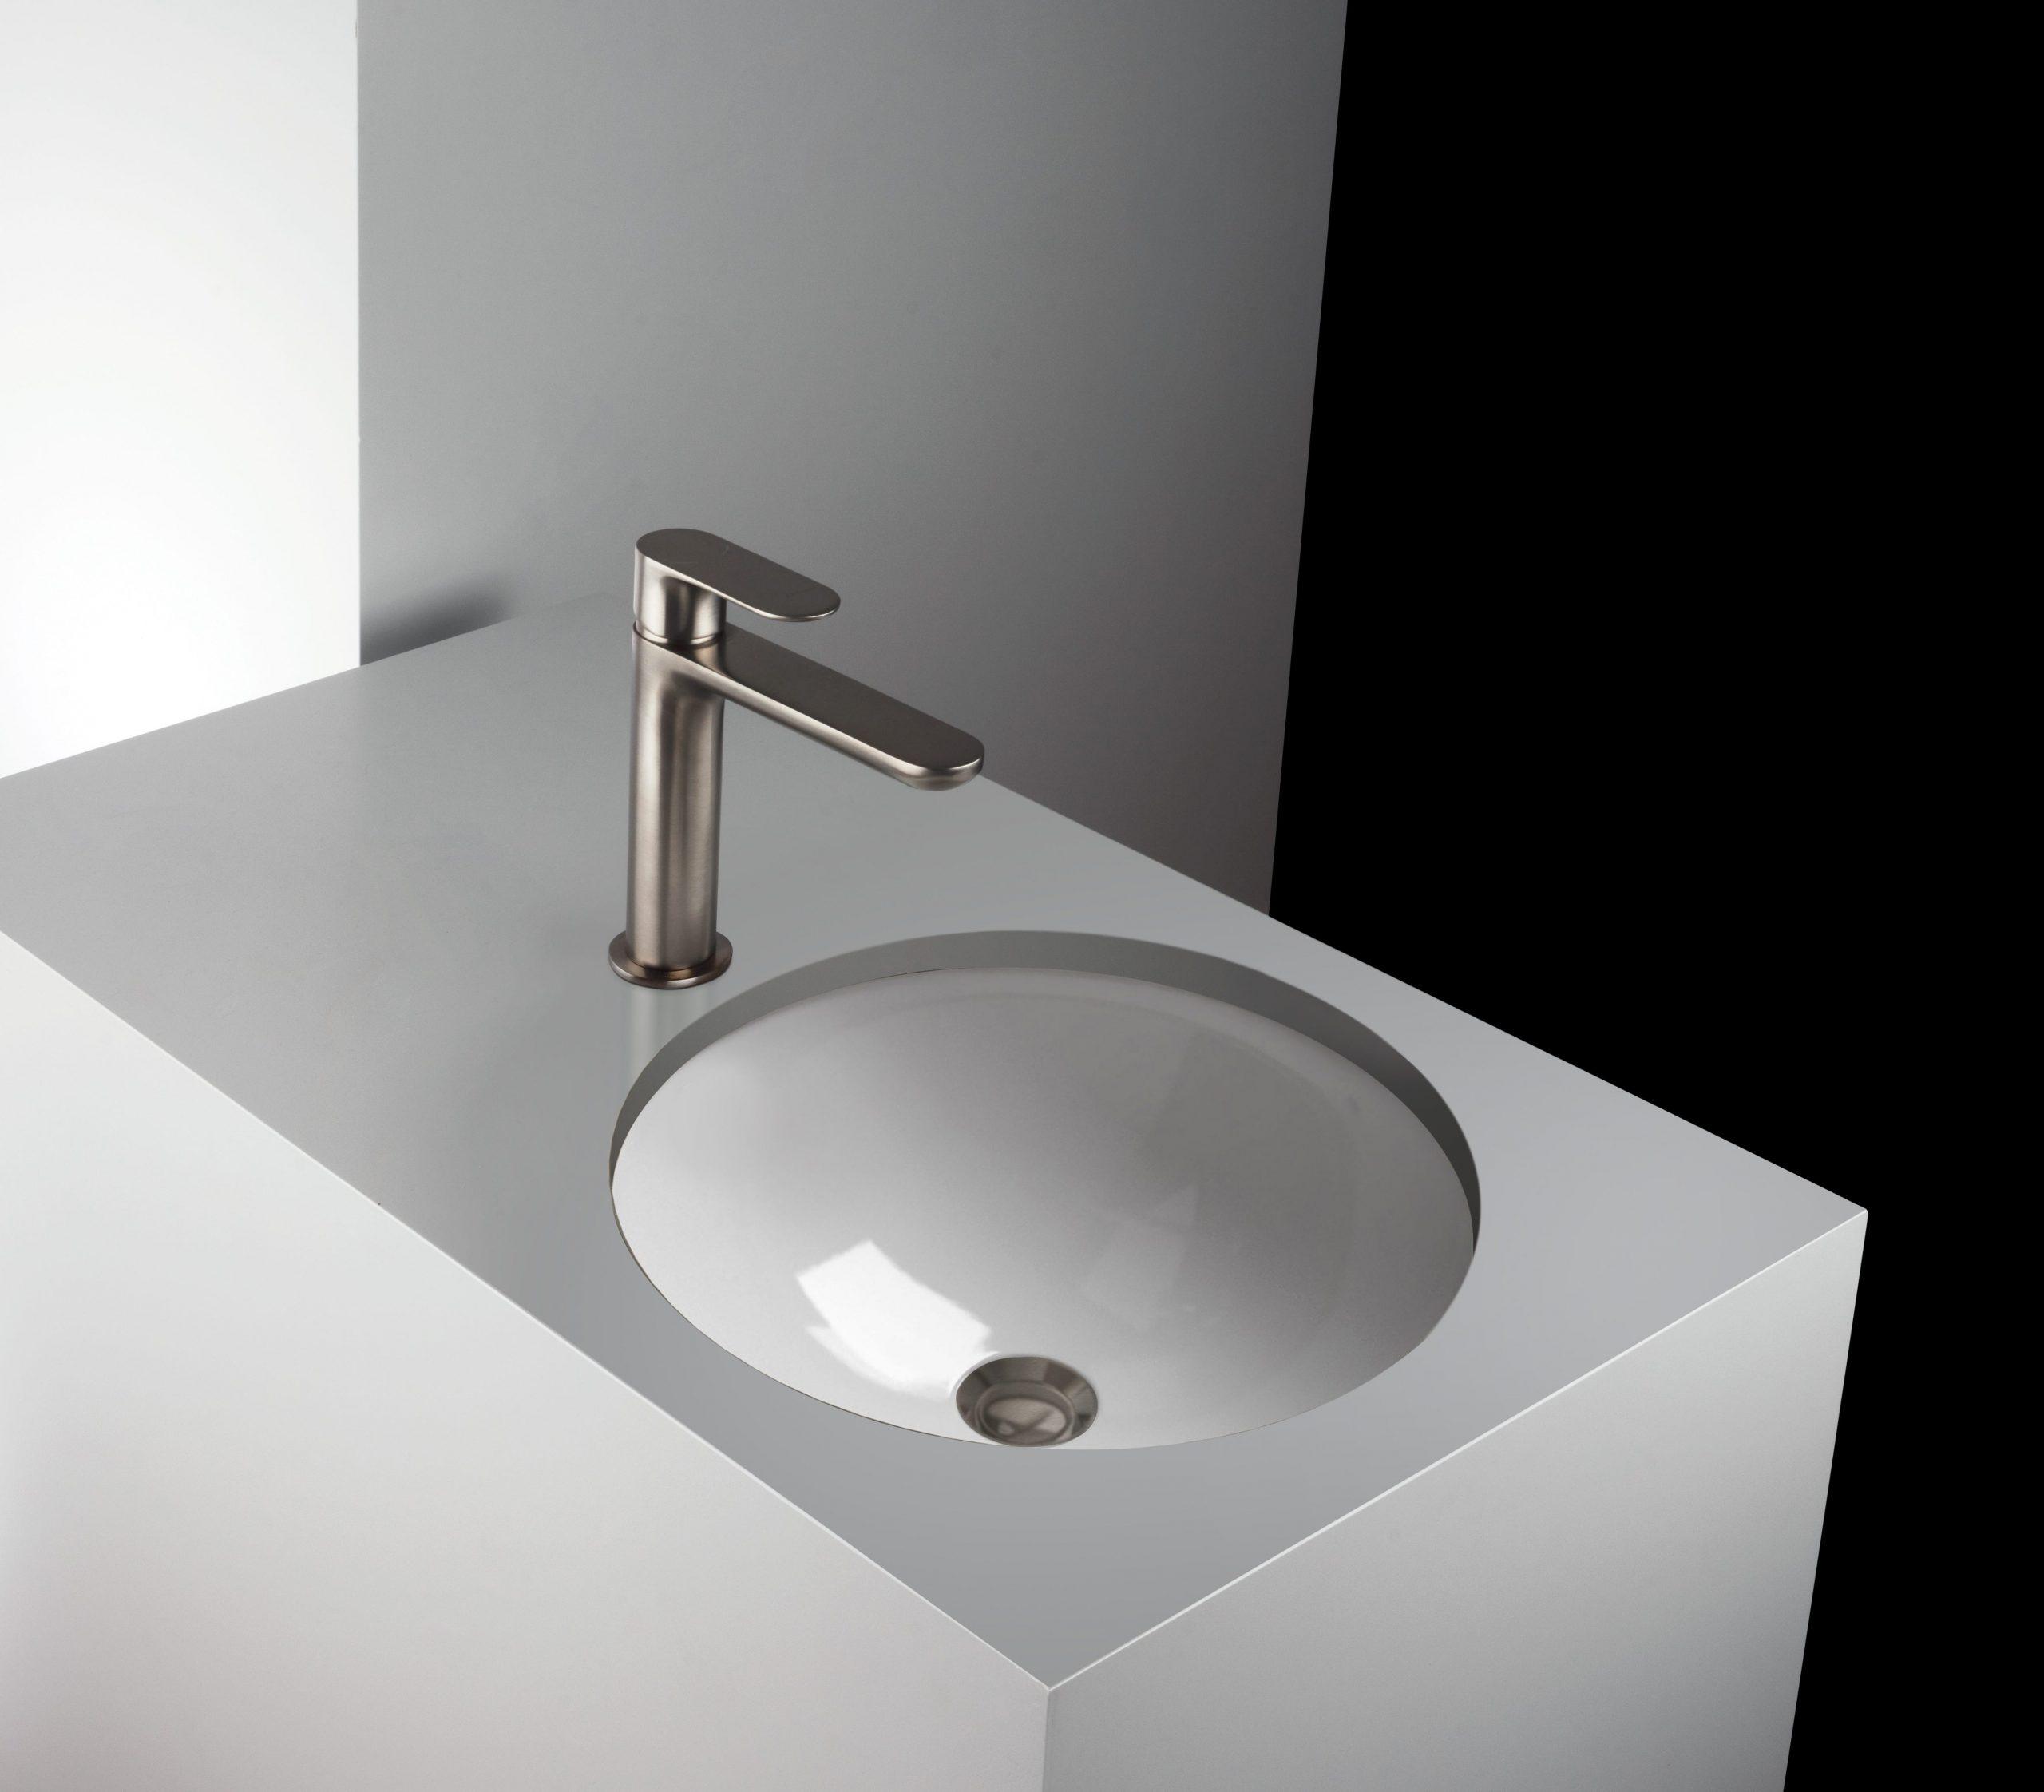 rubinetti bagno, monocomando lavabo finitura inox, idrosanitaria lecco